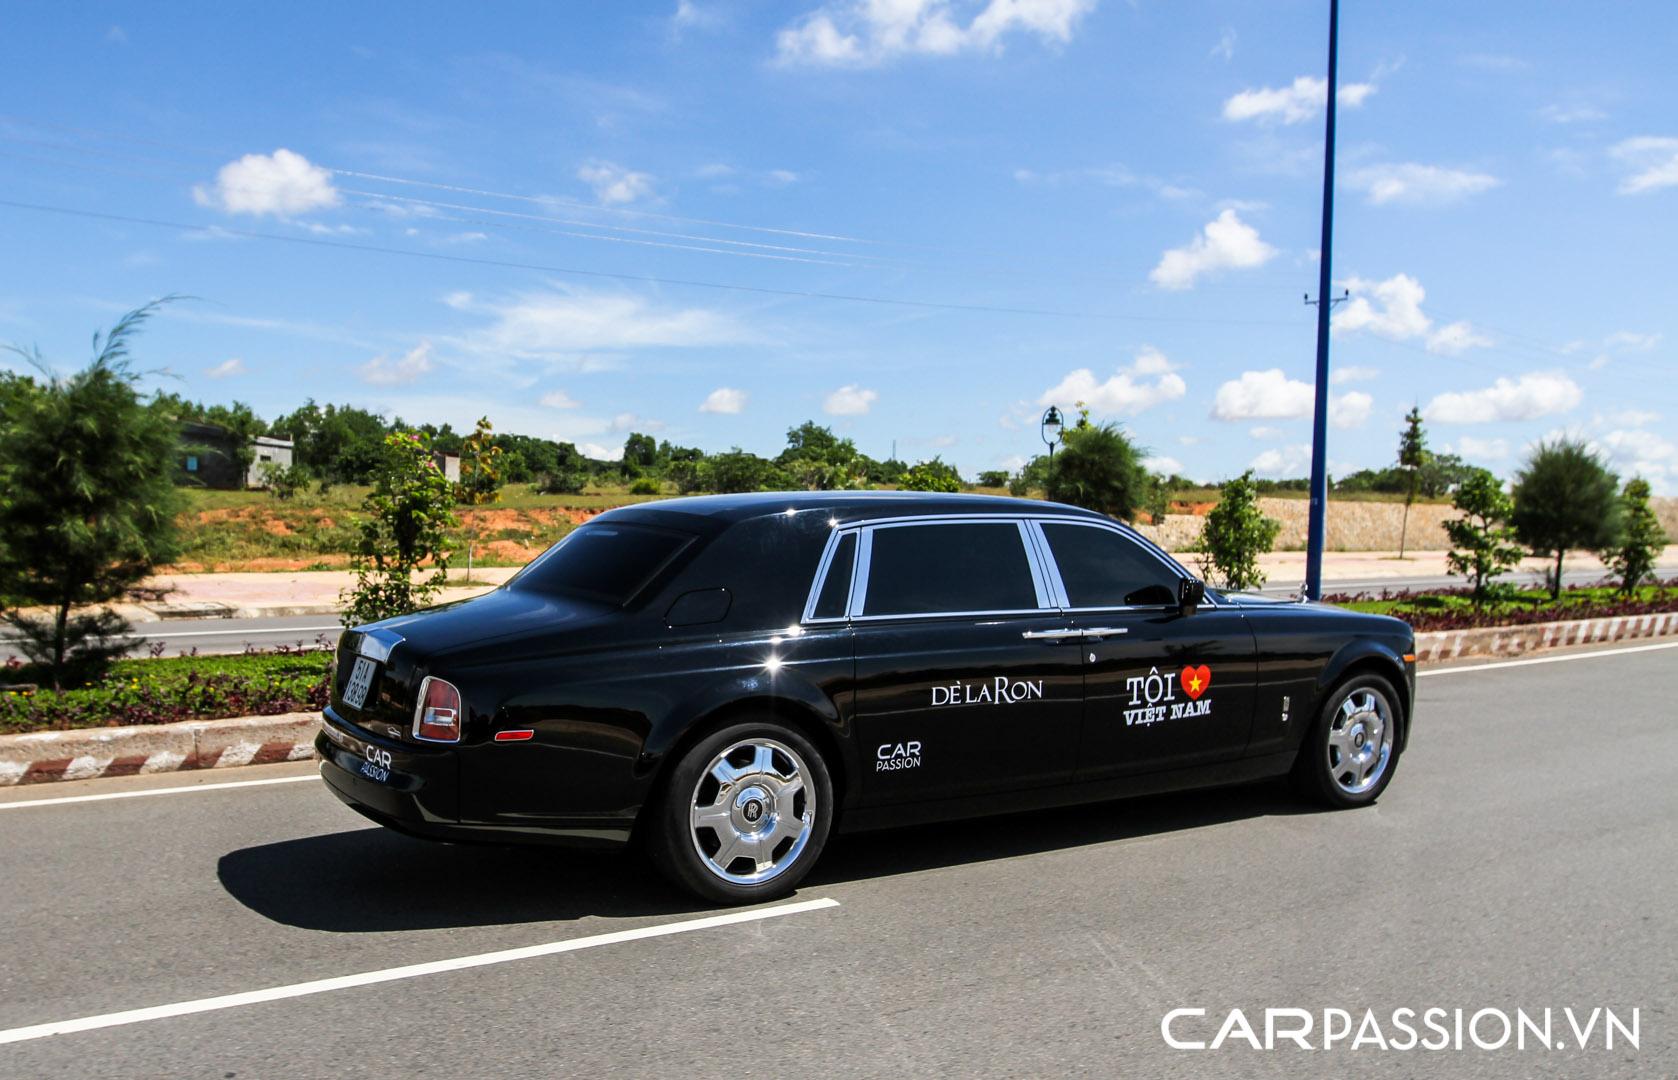 CP-Hành trình siêu xe CarPassion 2011 Day 2 (83).jpg